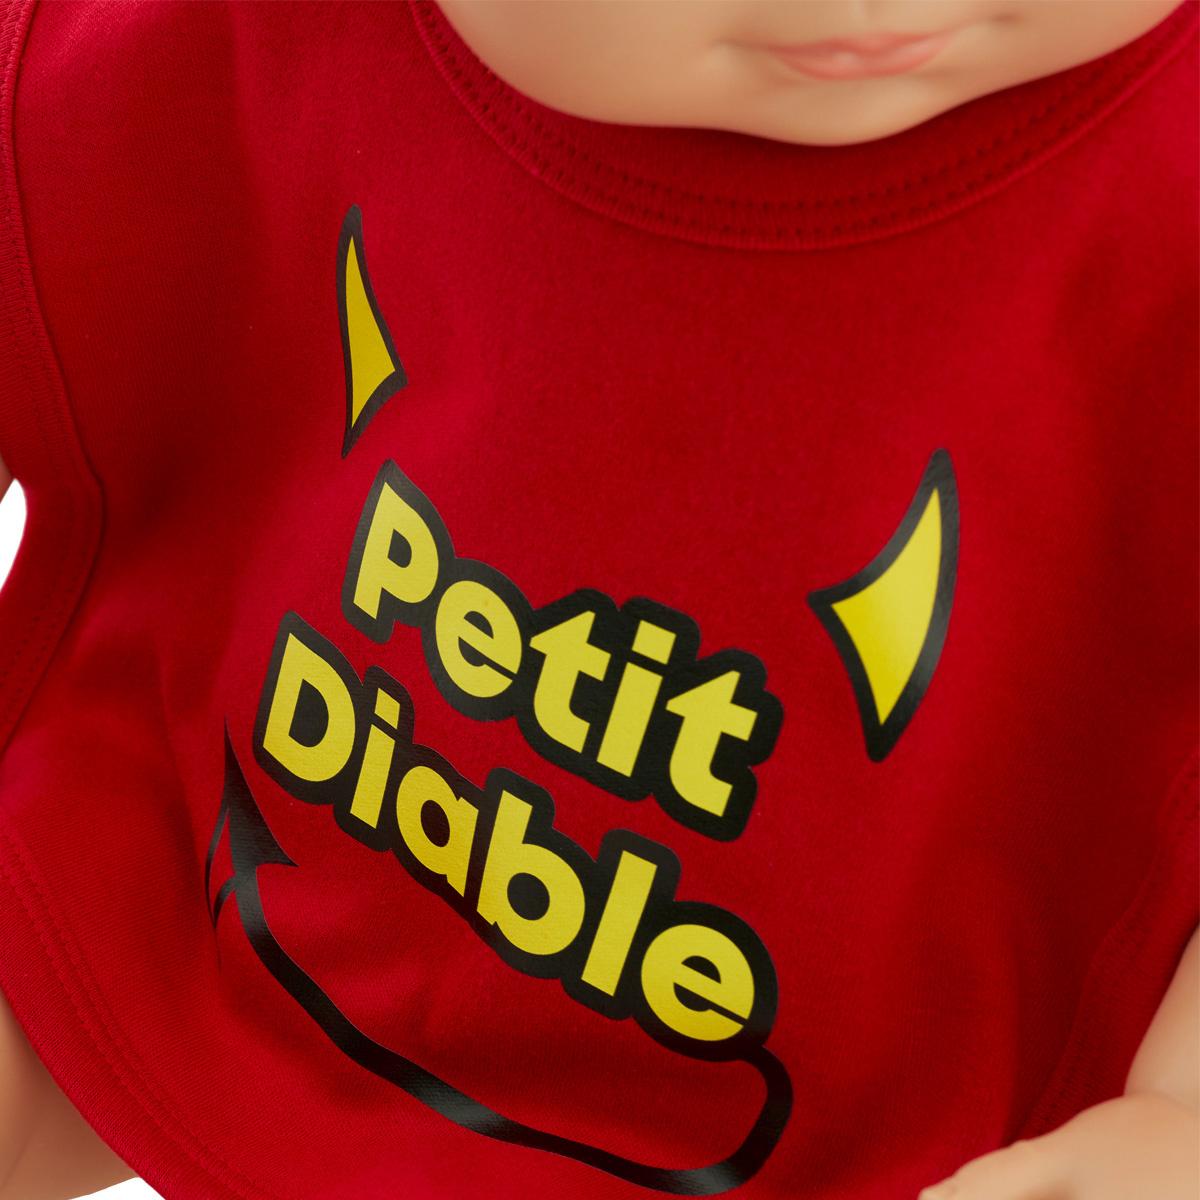 Topfanz Petit Diable bavette